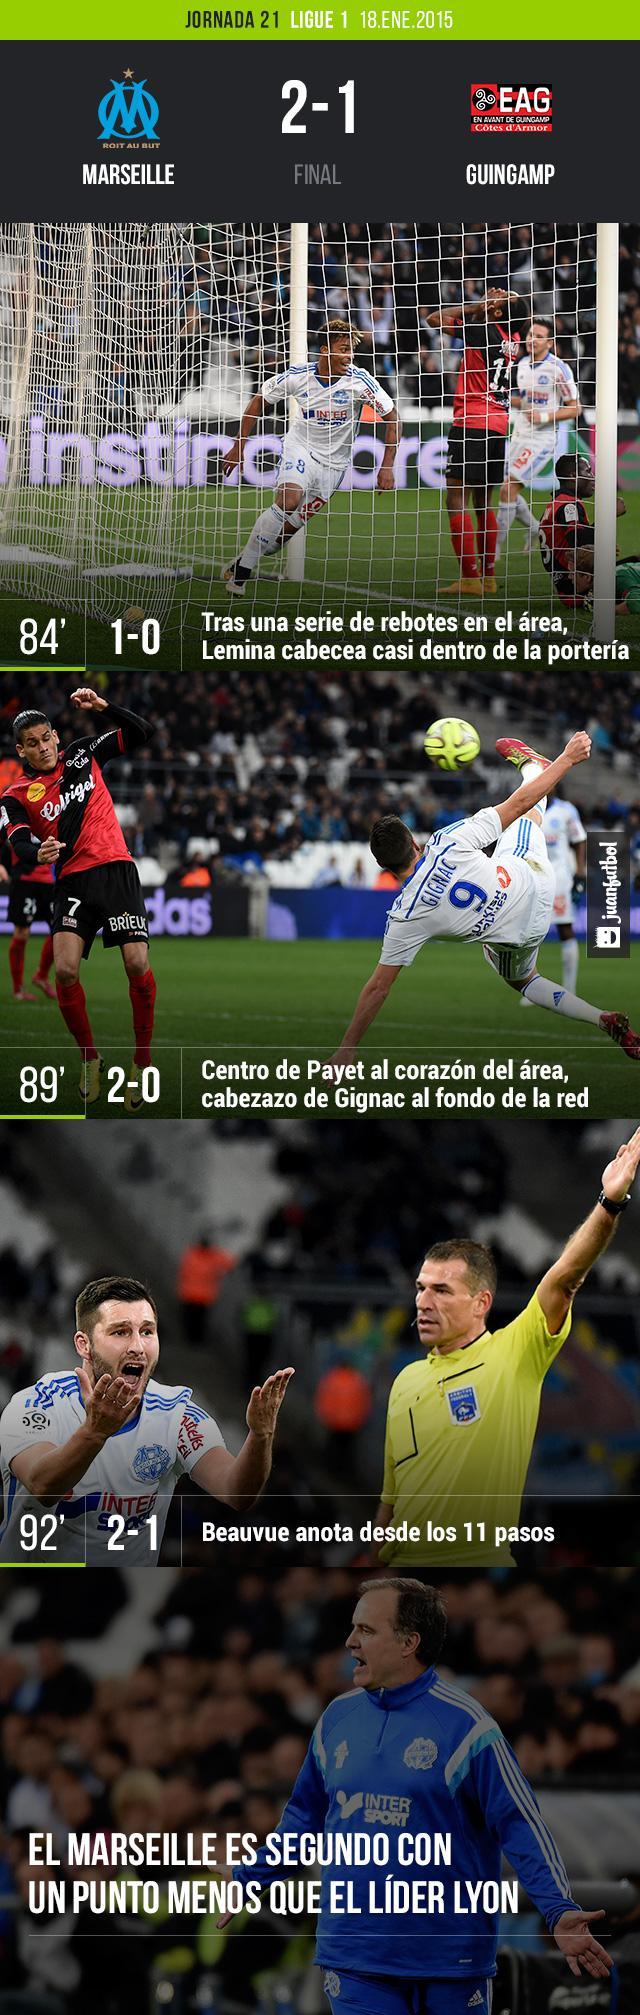 El Marseille venció al Guingamp 2-1 con goles en los últimos minutos de Lemina y Gignac